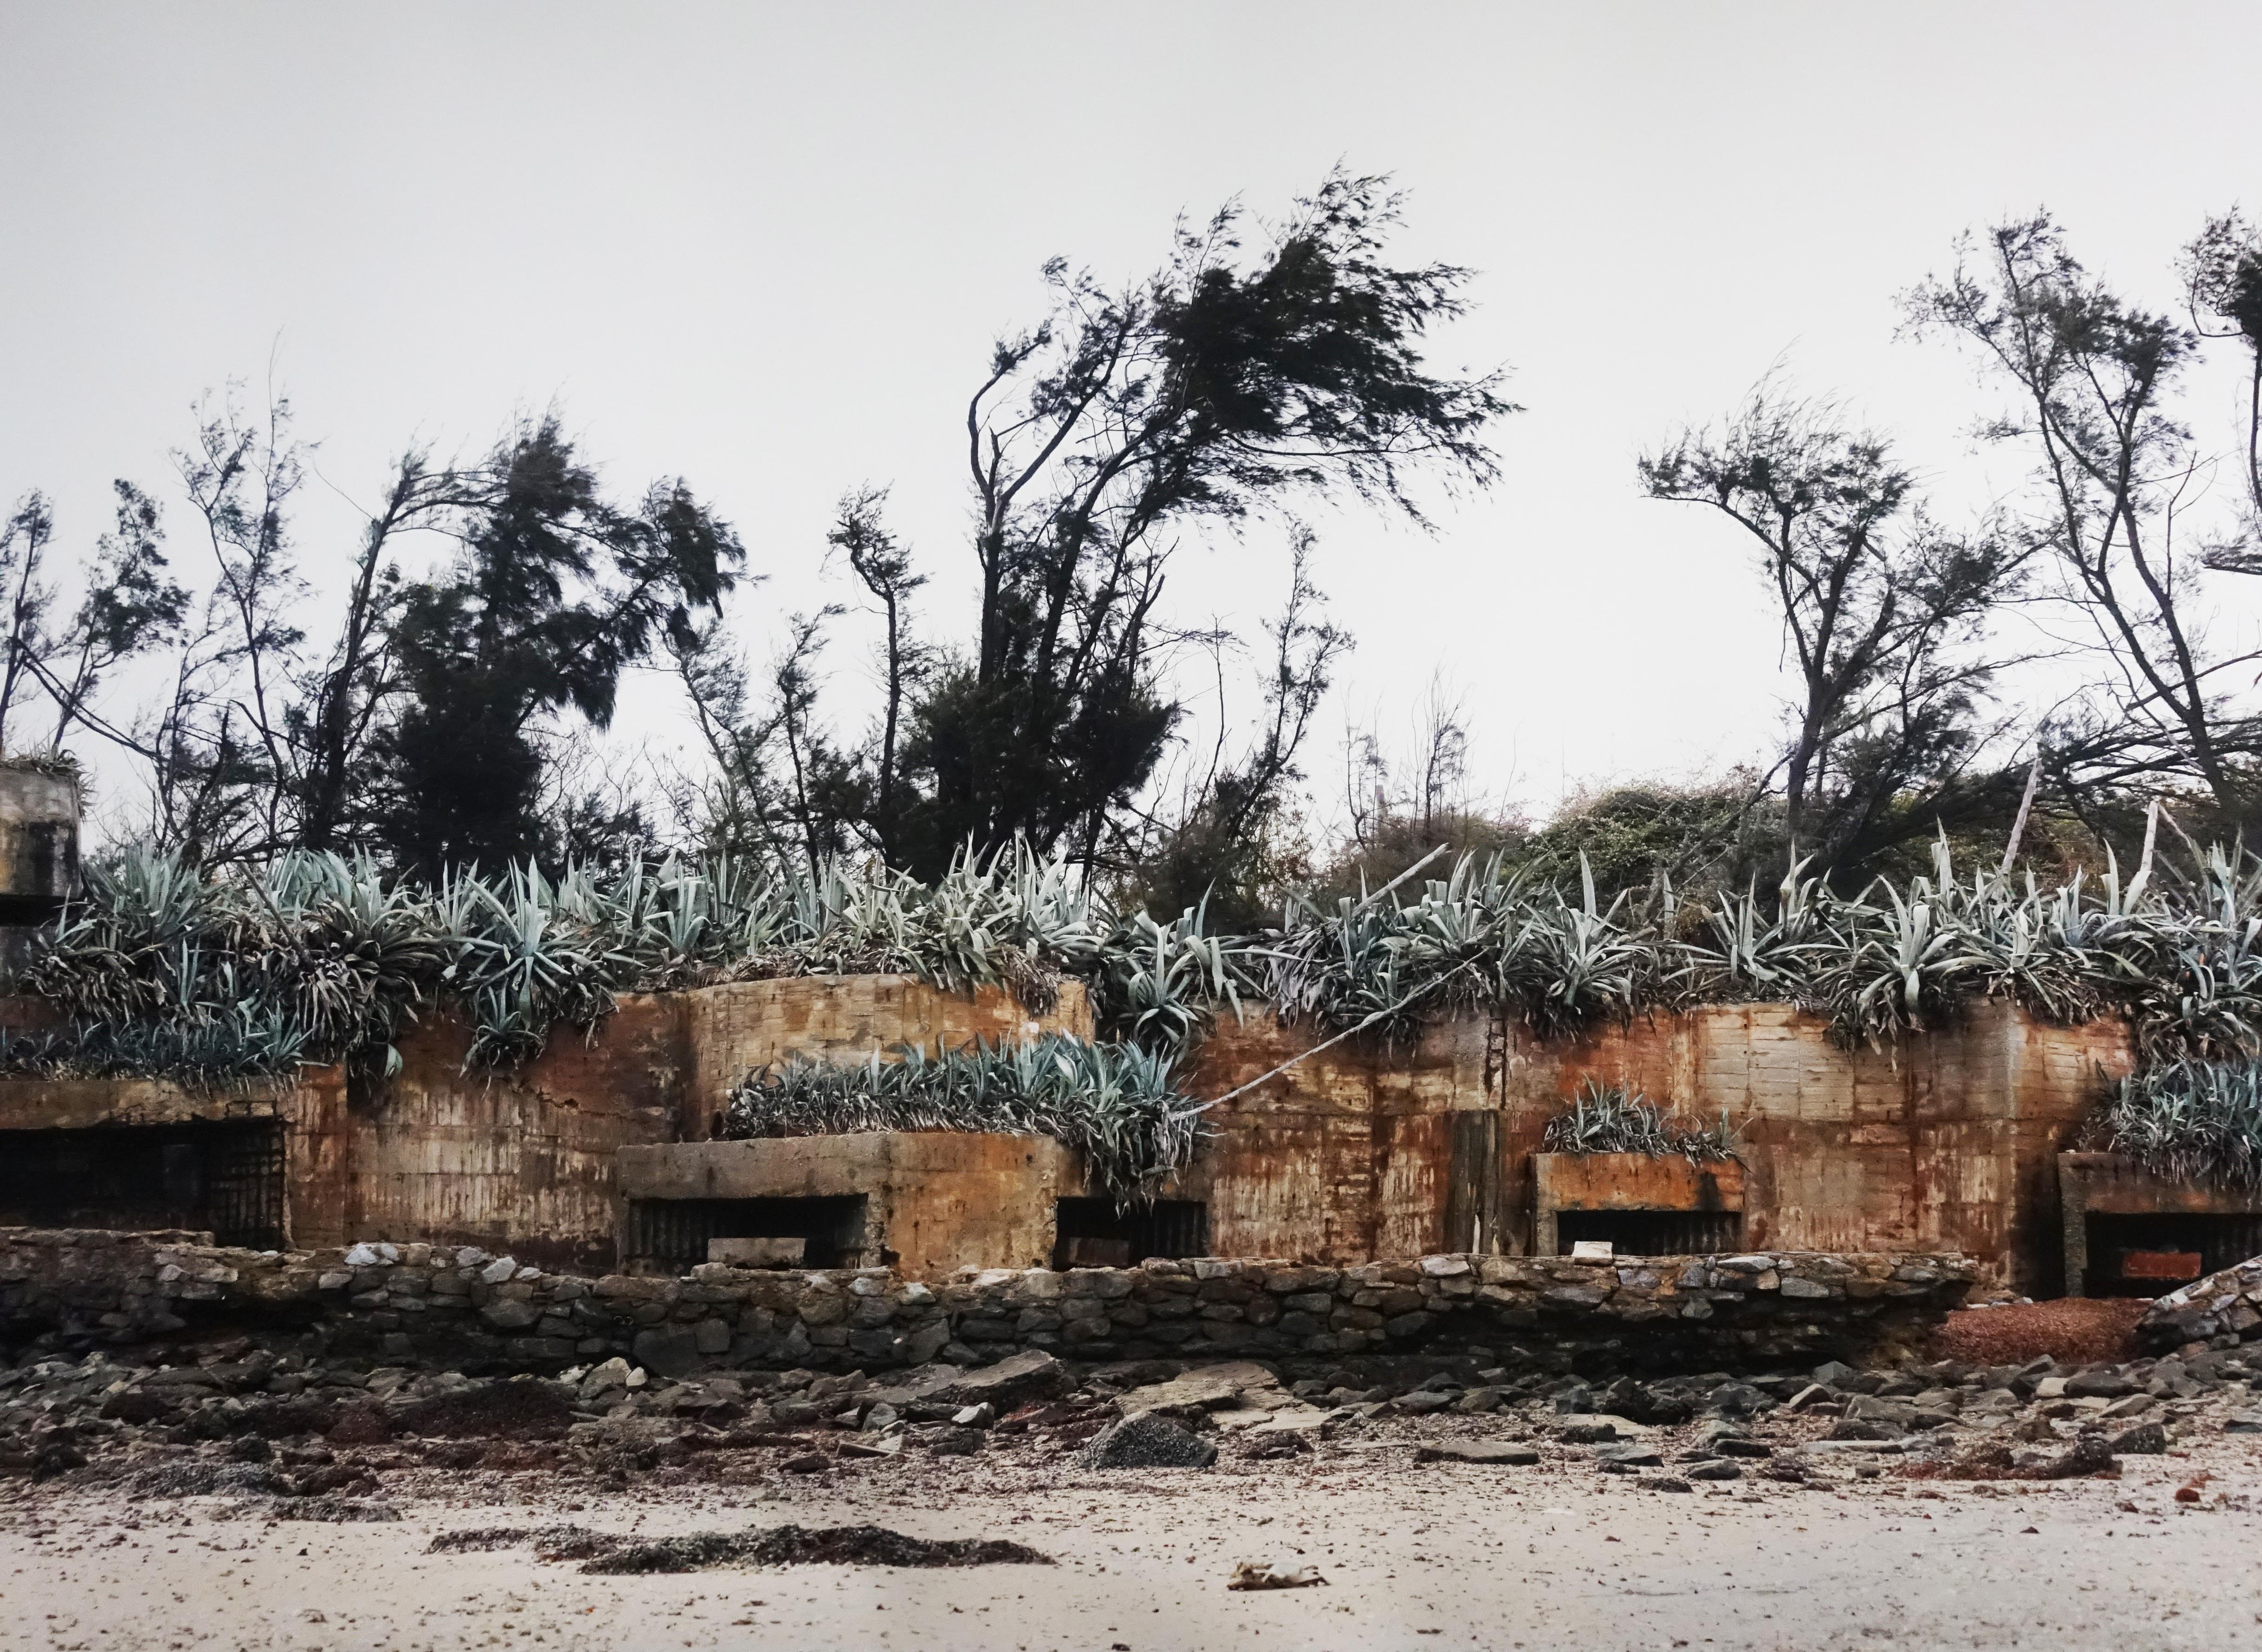 劉芸怡,《歷史造景-碉堡II》細節,135 X457 cm,藝術微噴在德國Hahnemühle藝術紙,2018。